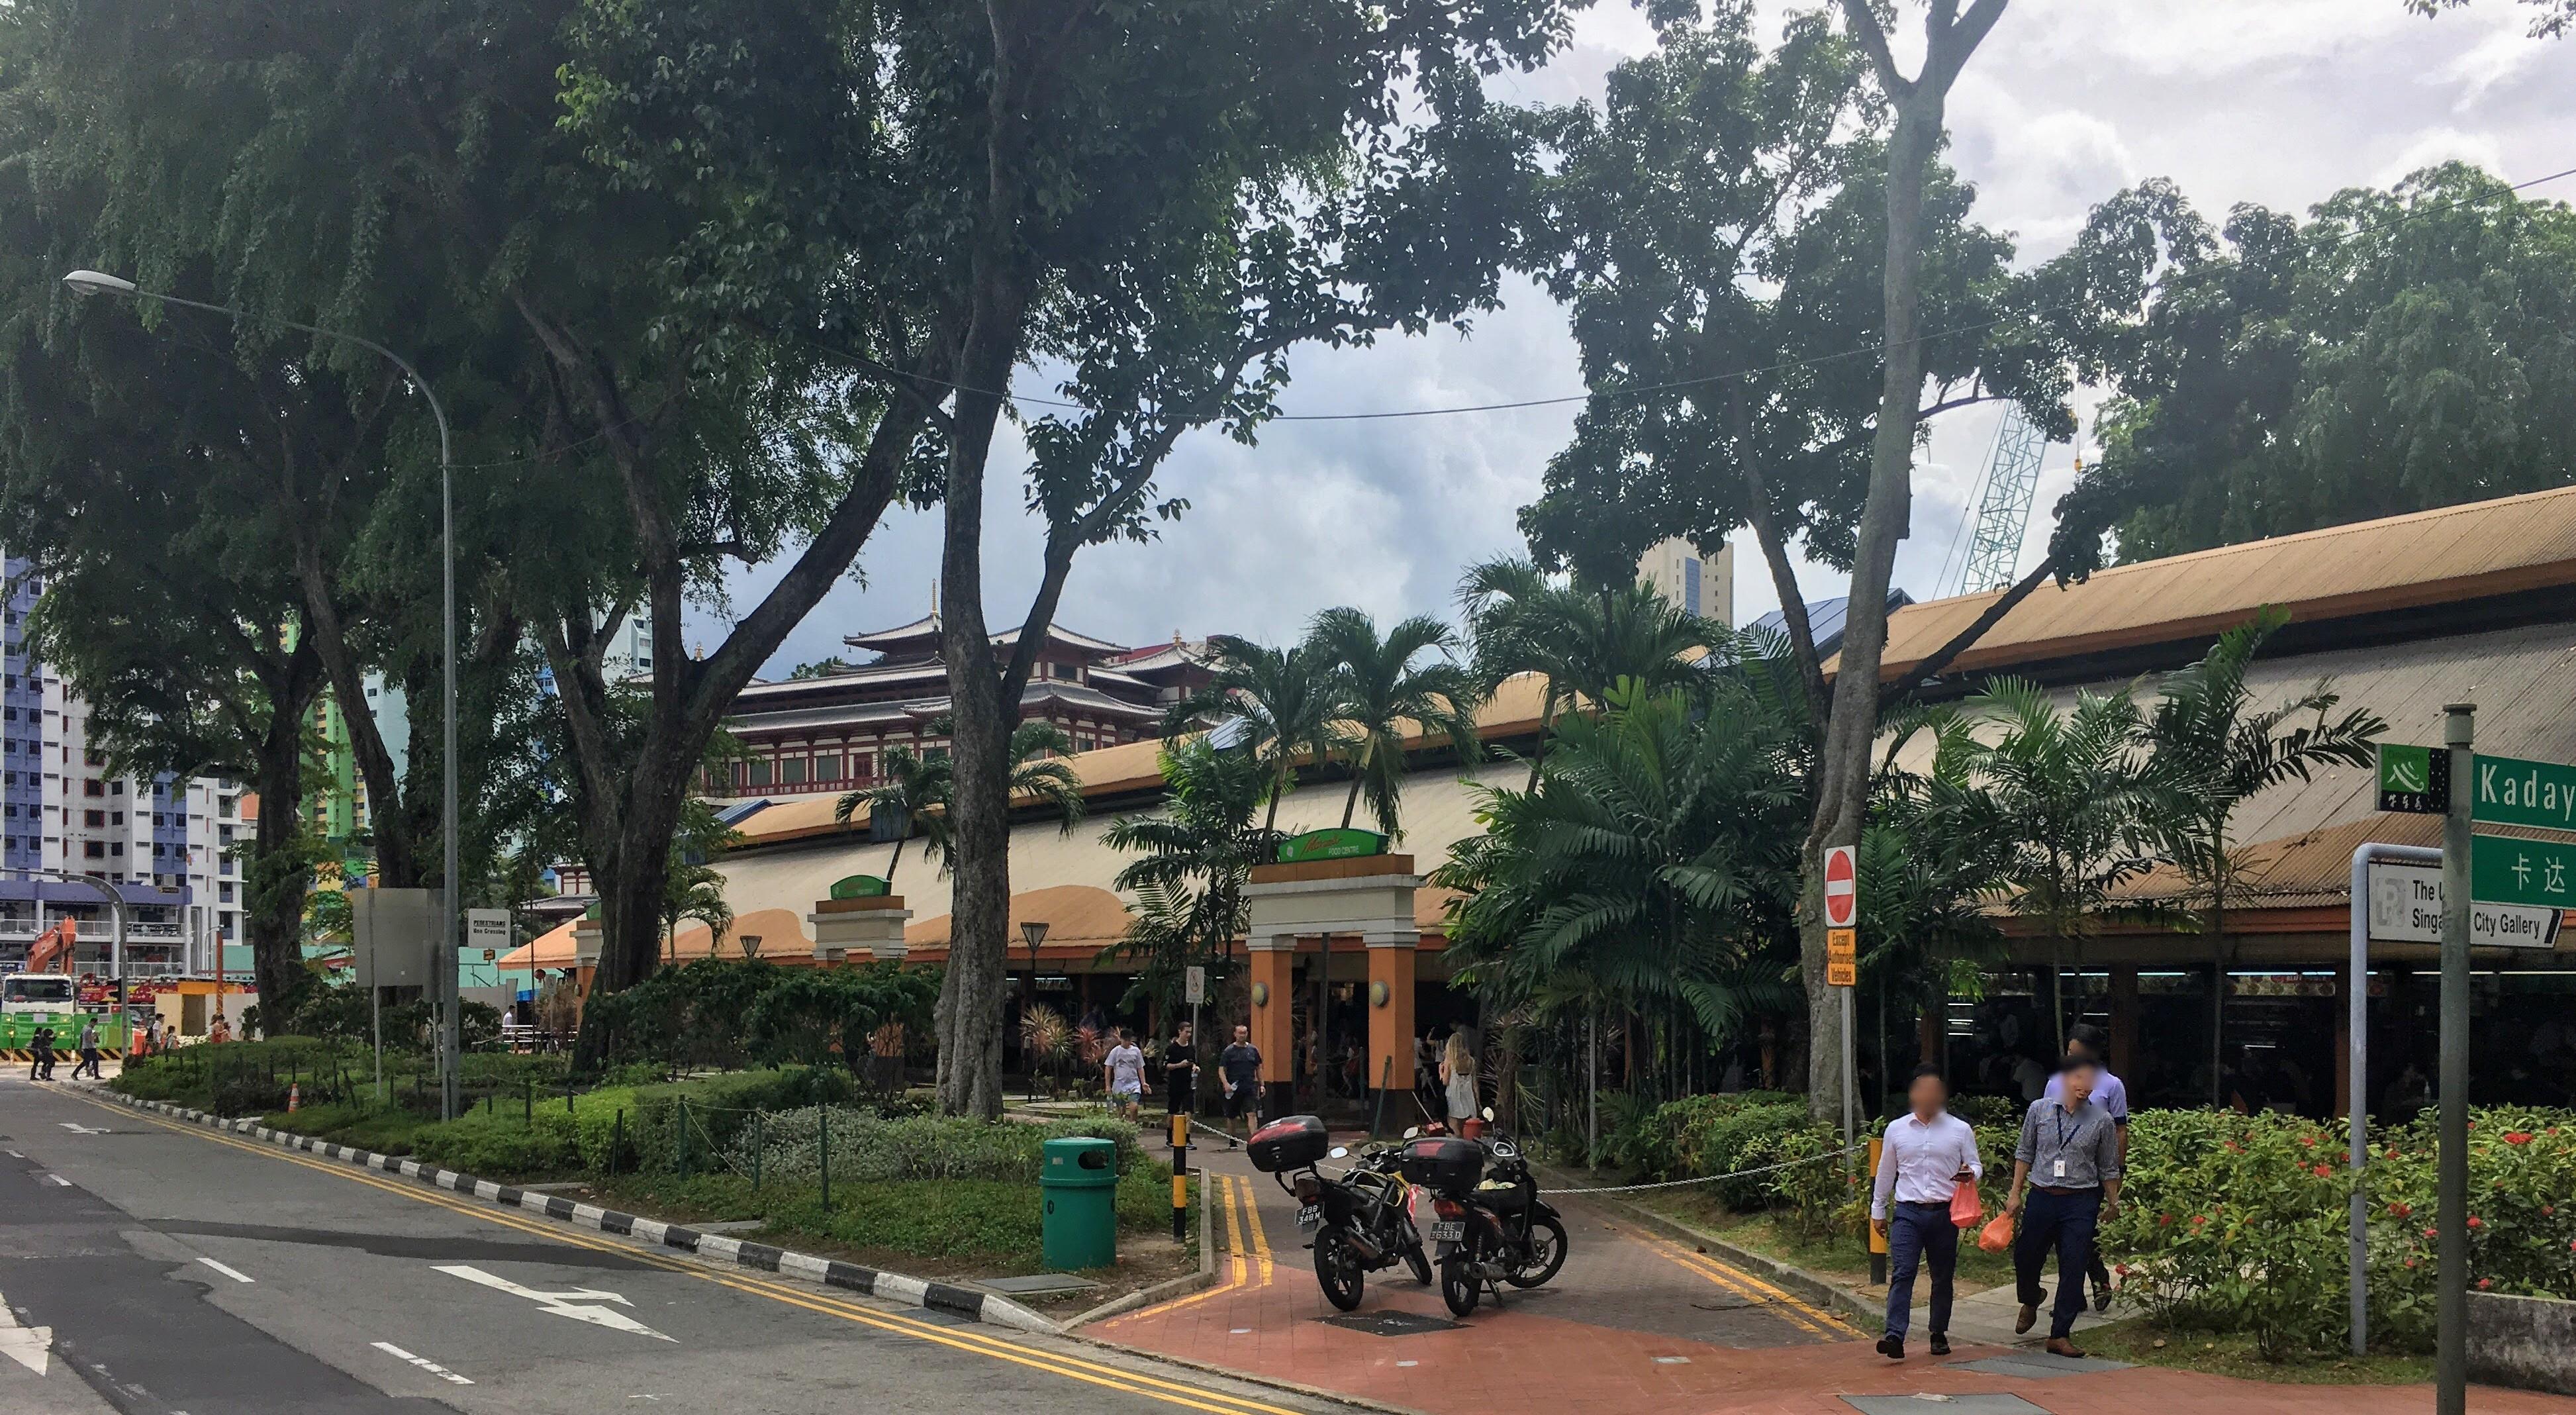 シンガポールの観光スポット チキンライスの名所「マックスウェルフードセンター」